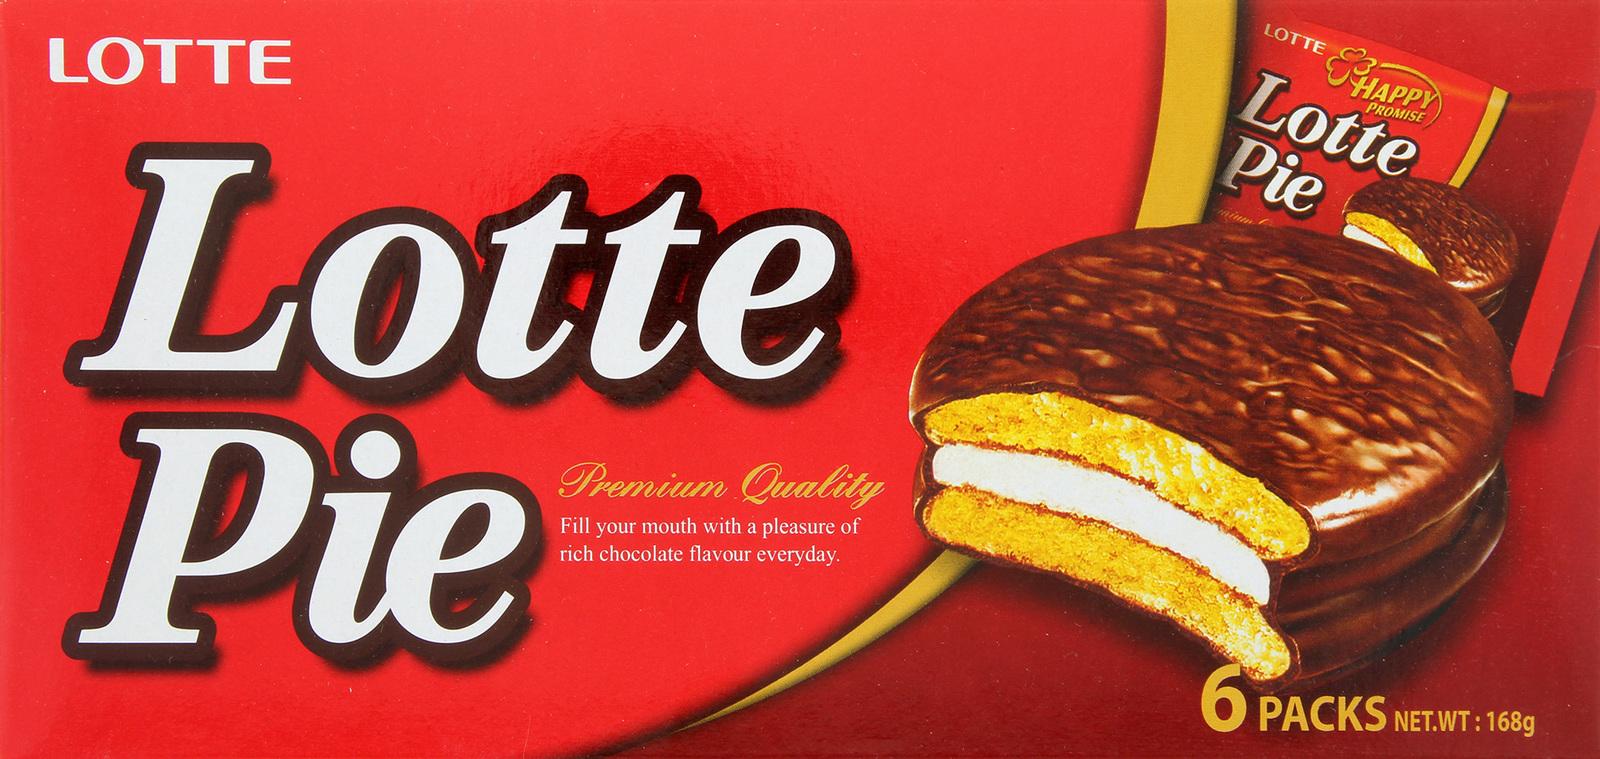 Lotte Choco Pie (6pk) image